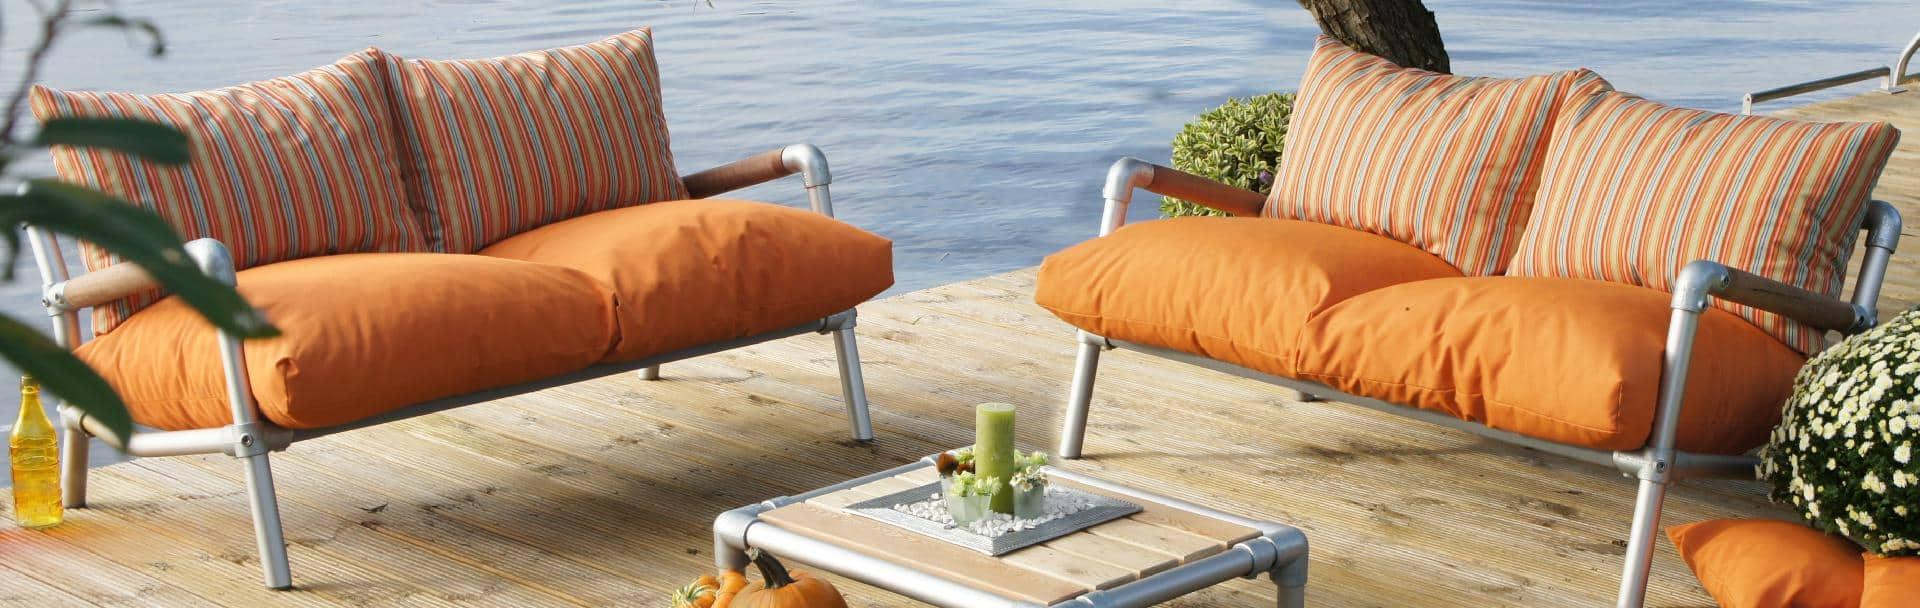 tuin loungebank Belle Chanelle is een exclusieve tuinbank. Kleur oranje met oranje gestreept frisse loungeset tuin